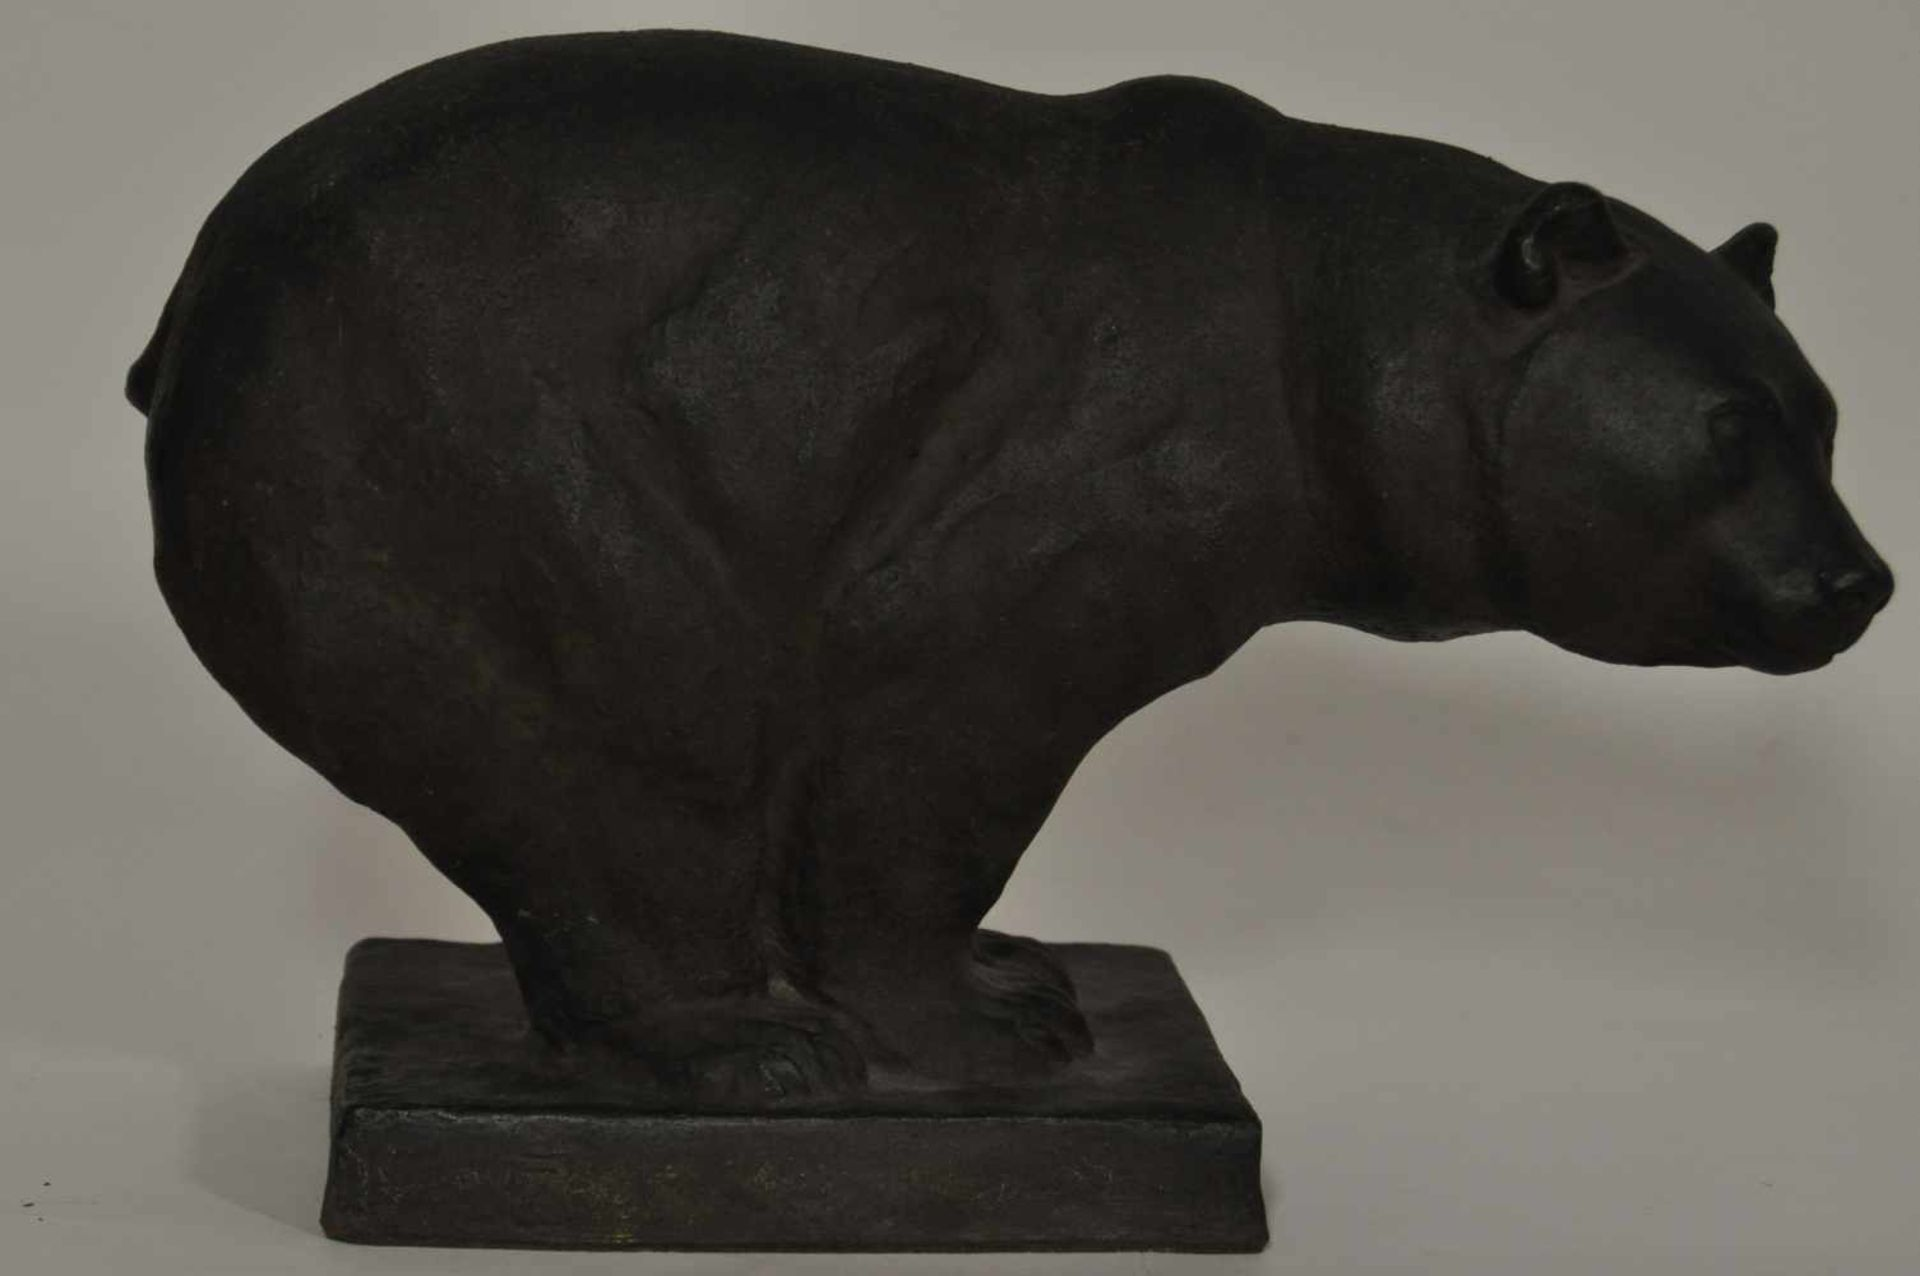 """Braunbär, deutsch 1920,dunkelbrauner Ton, gebrannt, Monogrammist """"EW"""" und 1920 datiert, 30 x 40 x 16"""